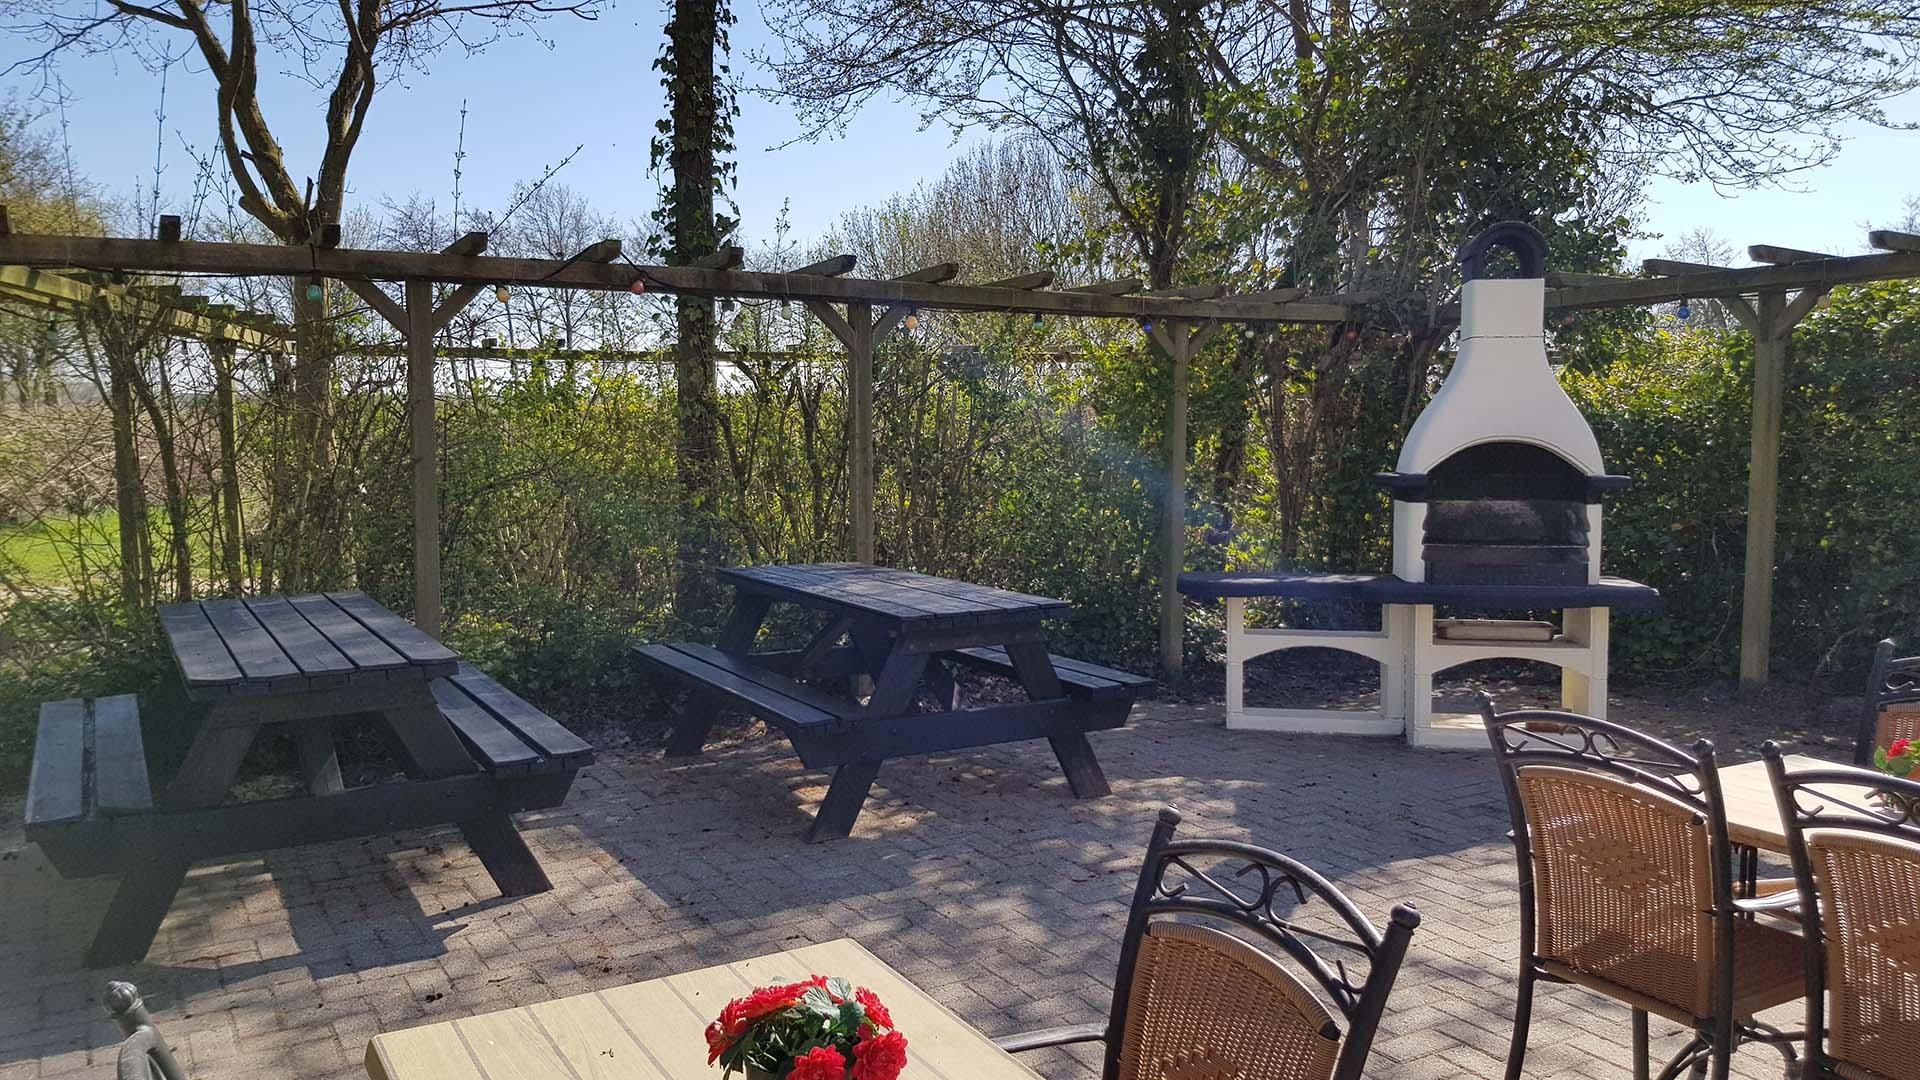 barbecue B&B Plompetorenzicht Schouwen-Duiveland